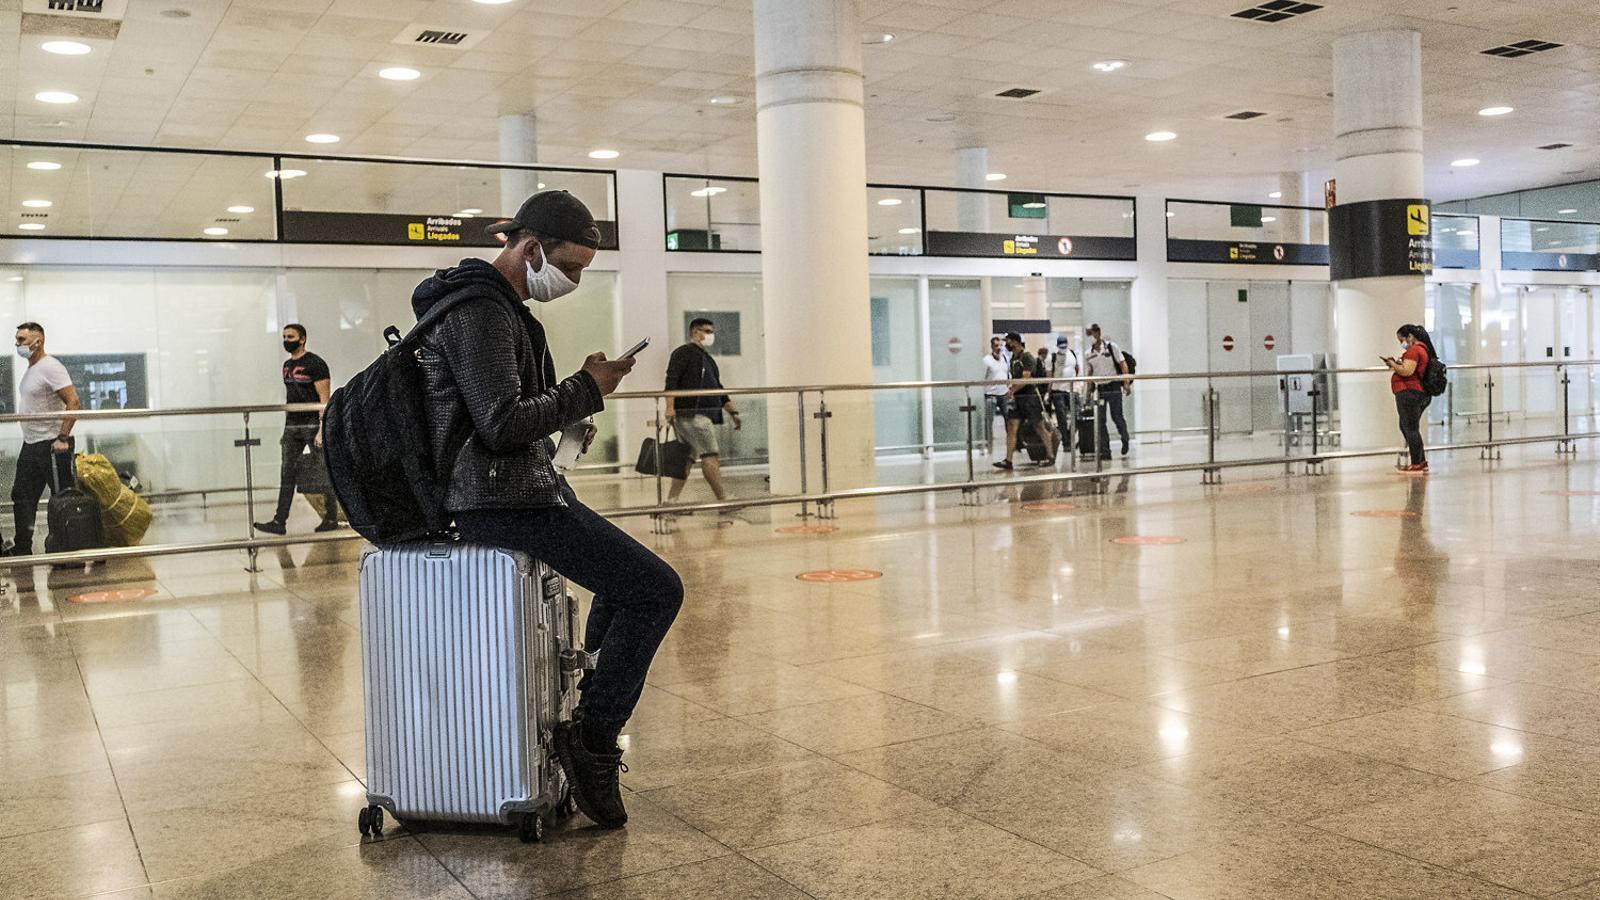 Un passatger esperant a l'aeroport del Prat després del confinament dur.